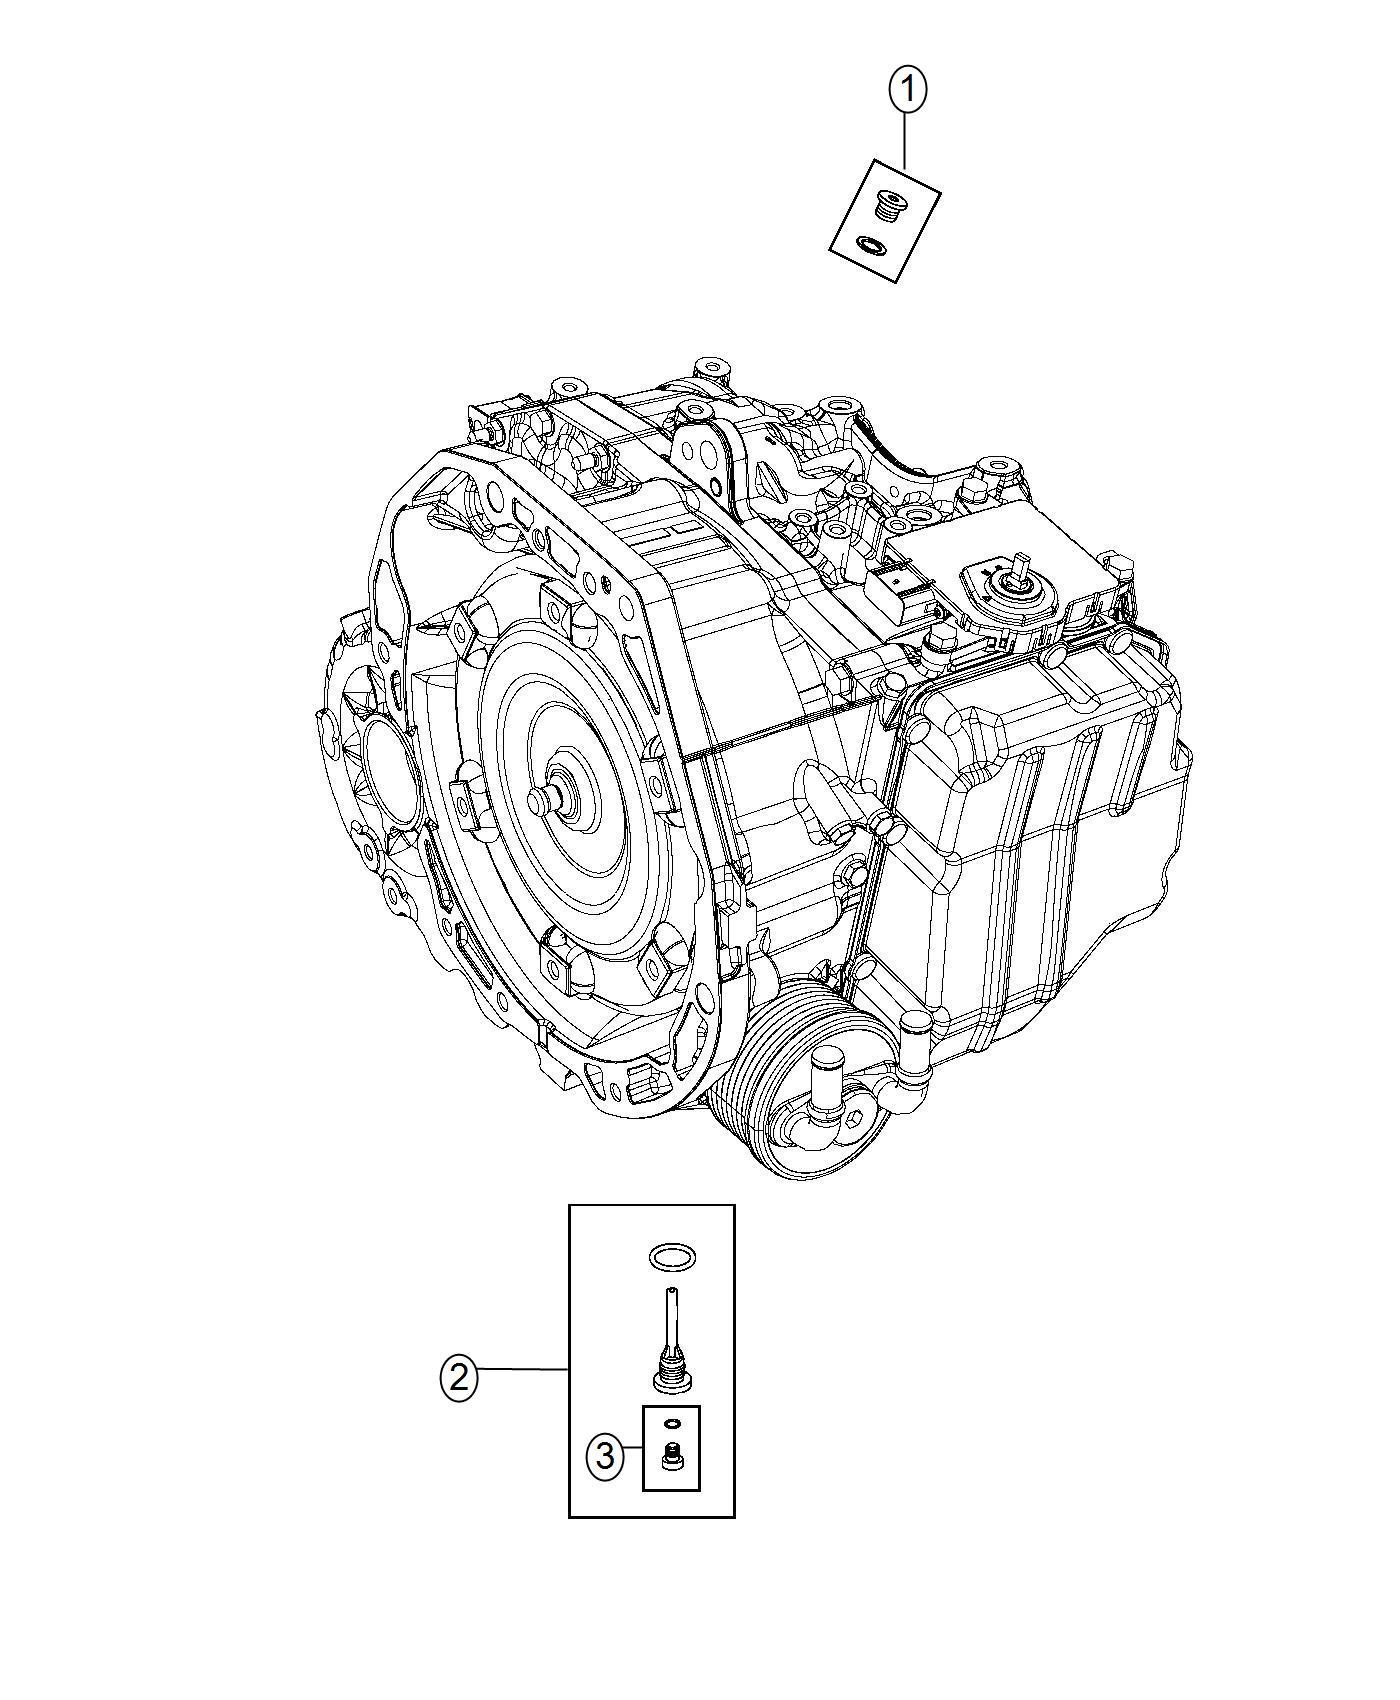 2 4l multiair engine